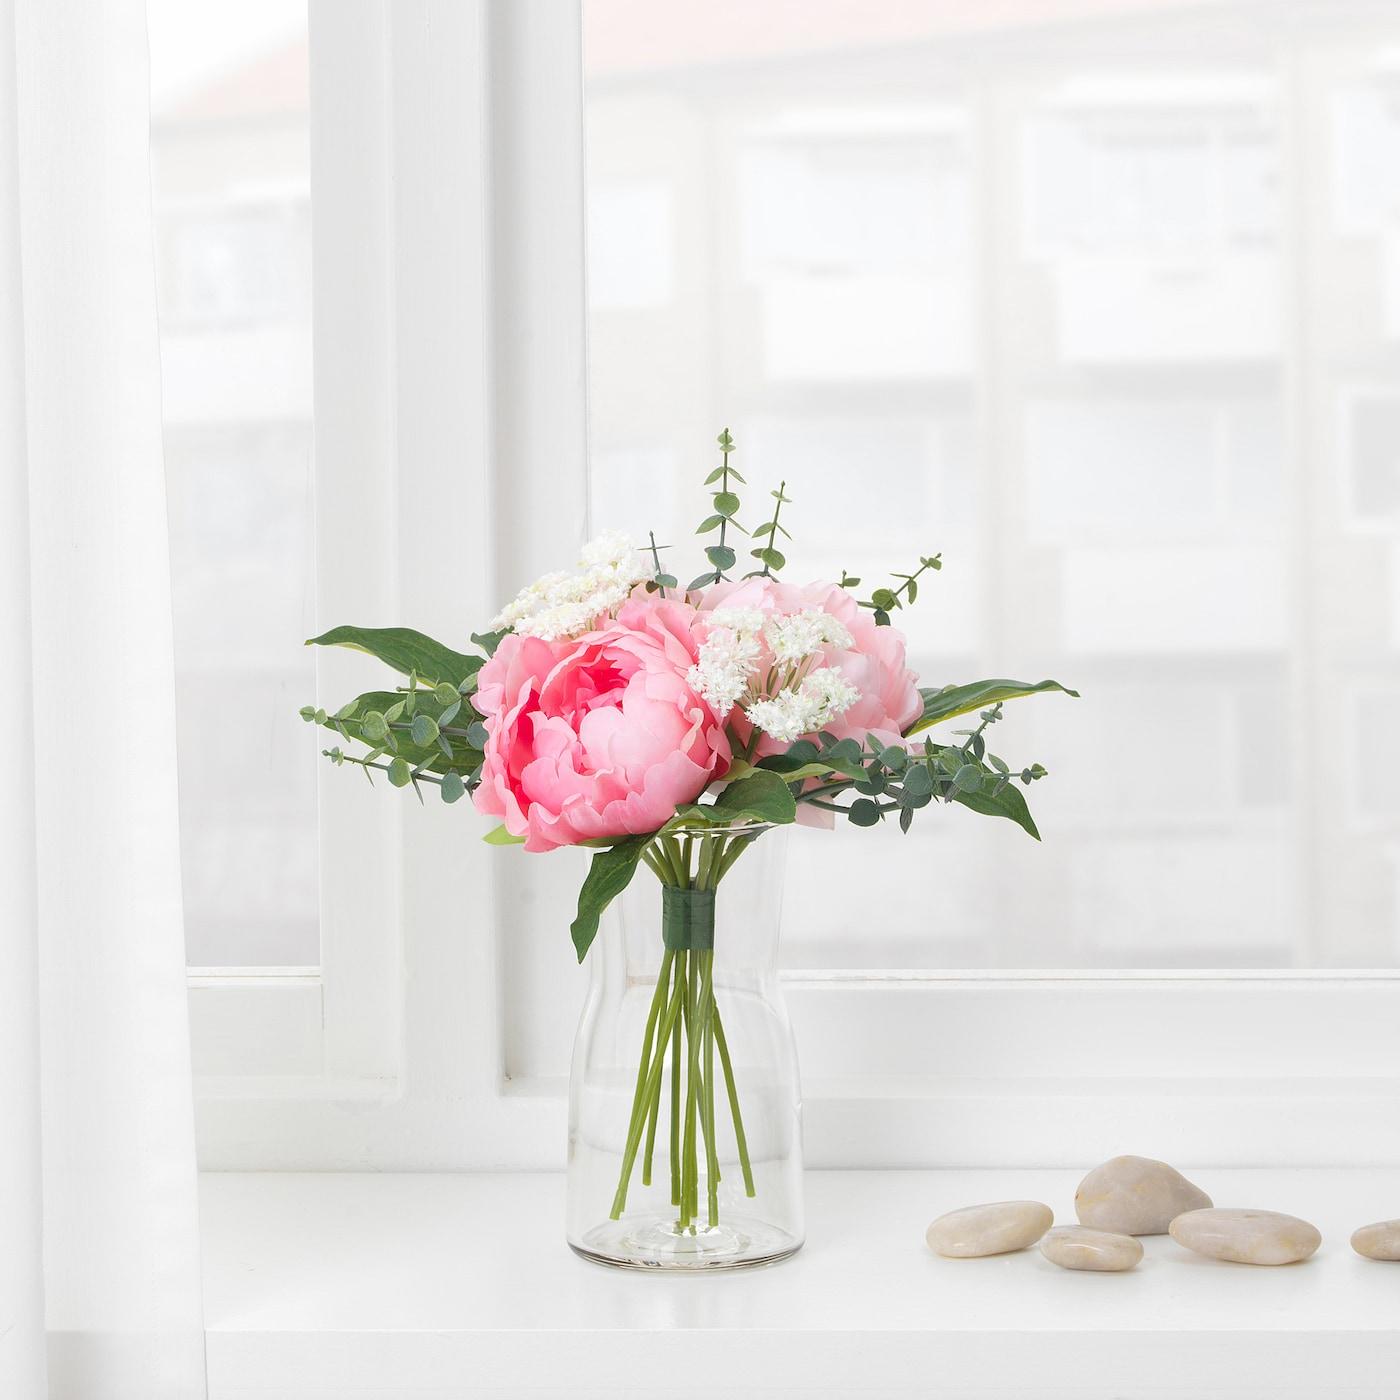 SMYCKA Sztuczny bukiet - różowy 25 cm